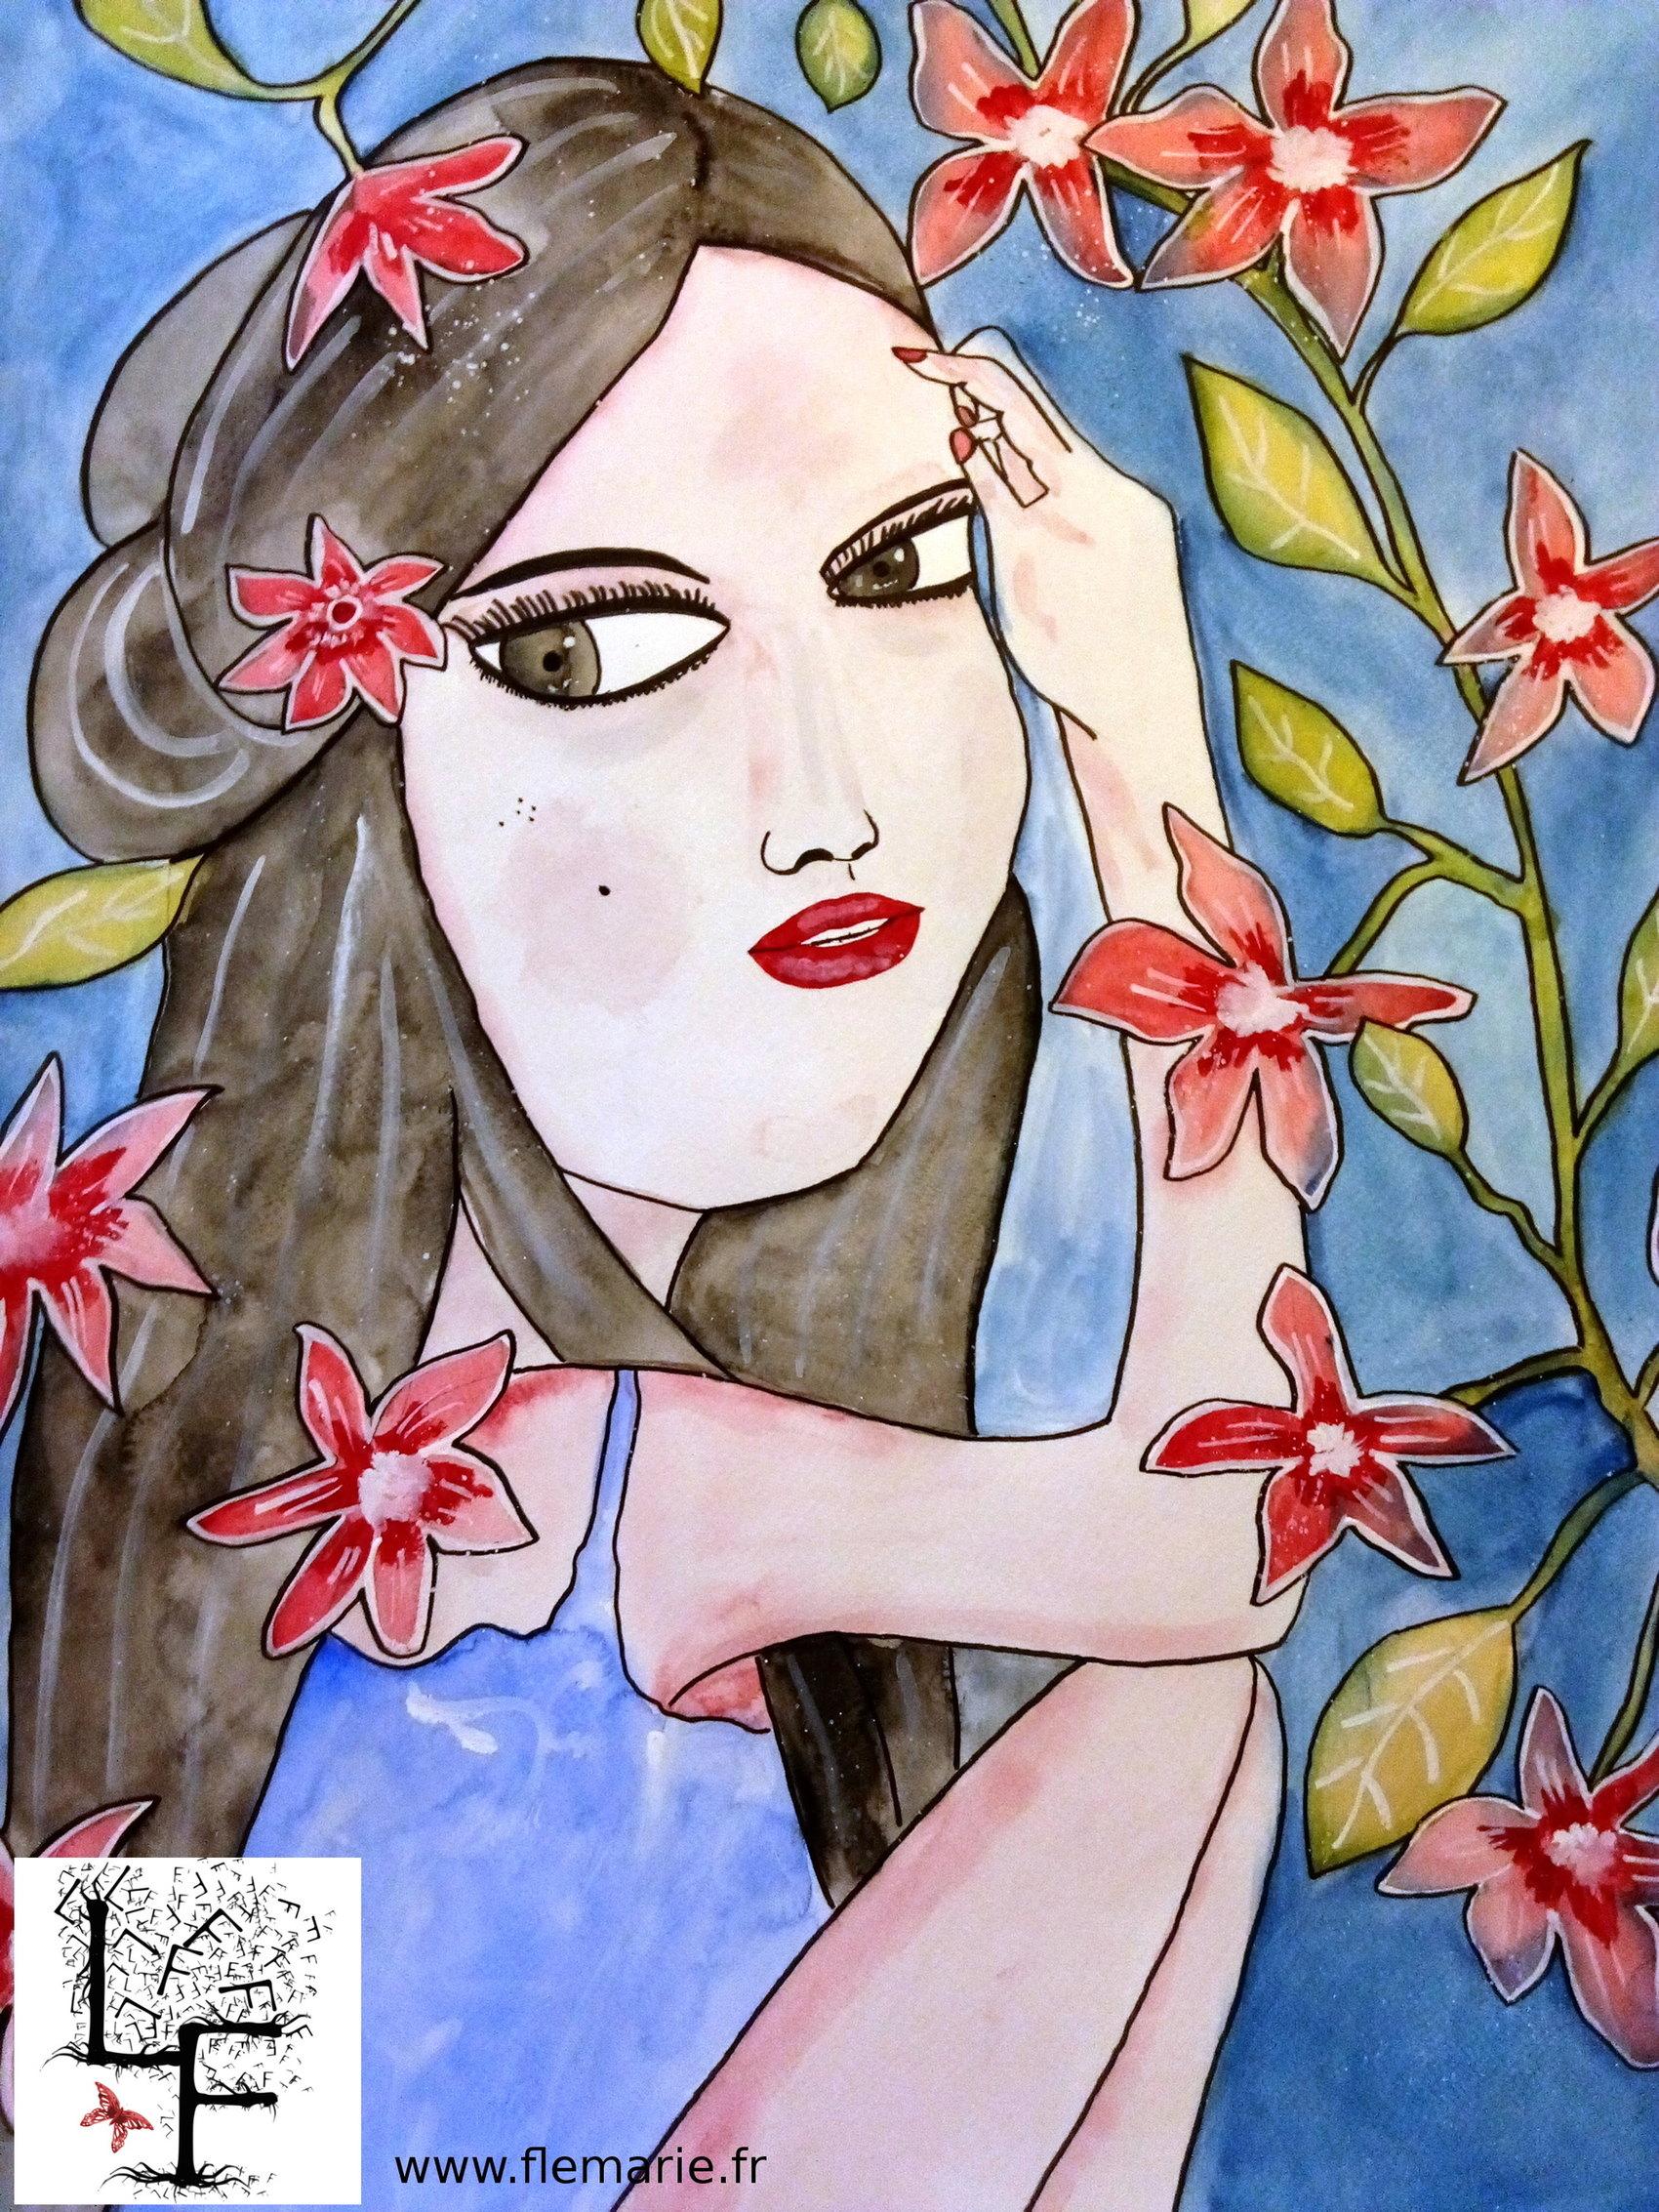 Femme enfant  Aquarelle sur papier A2 300g/m2